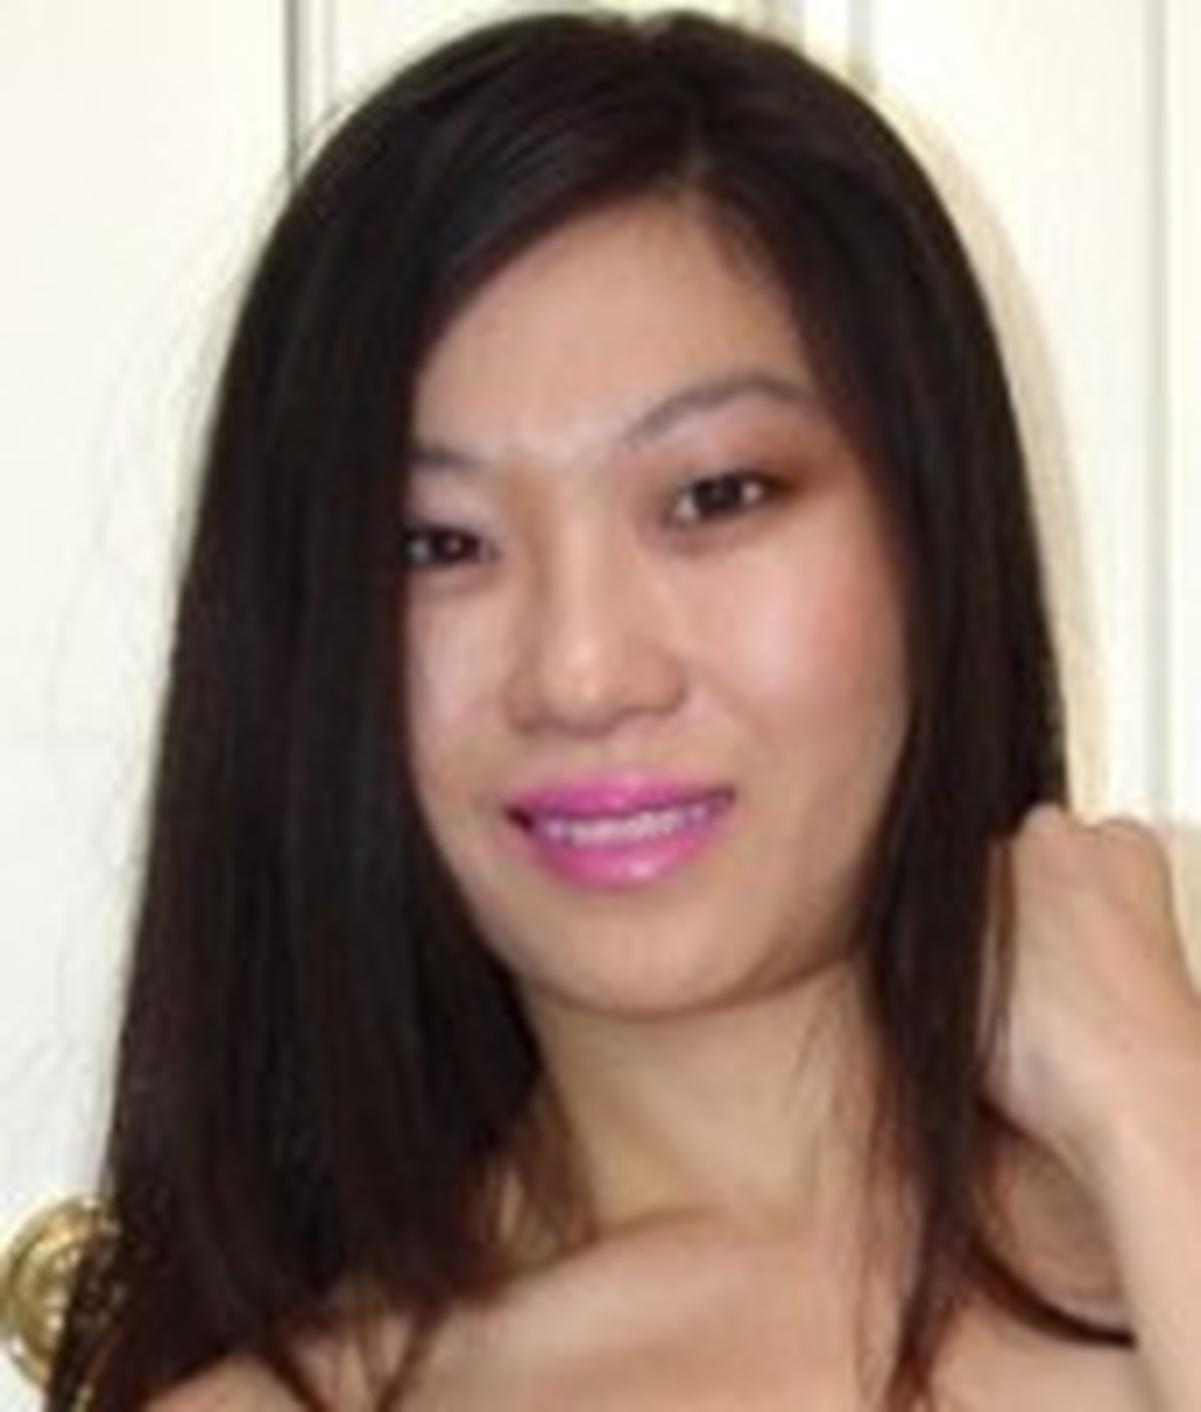 Leandra Lee